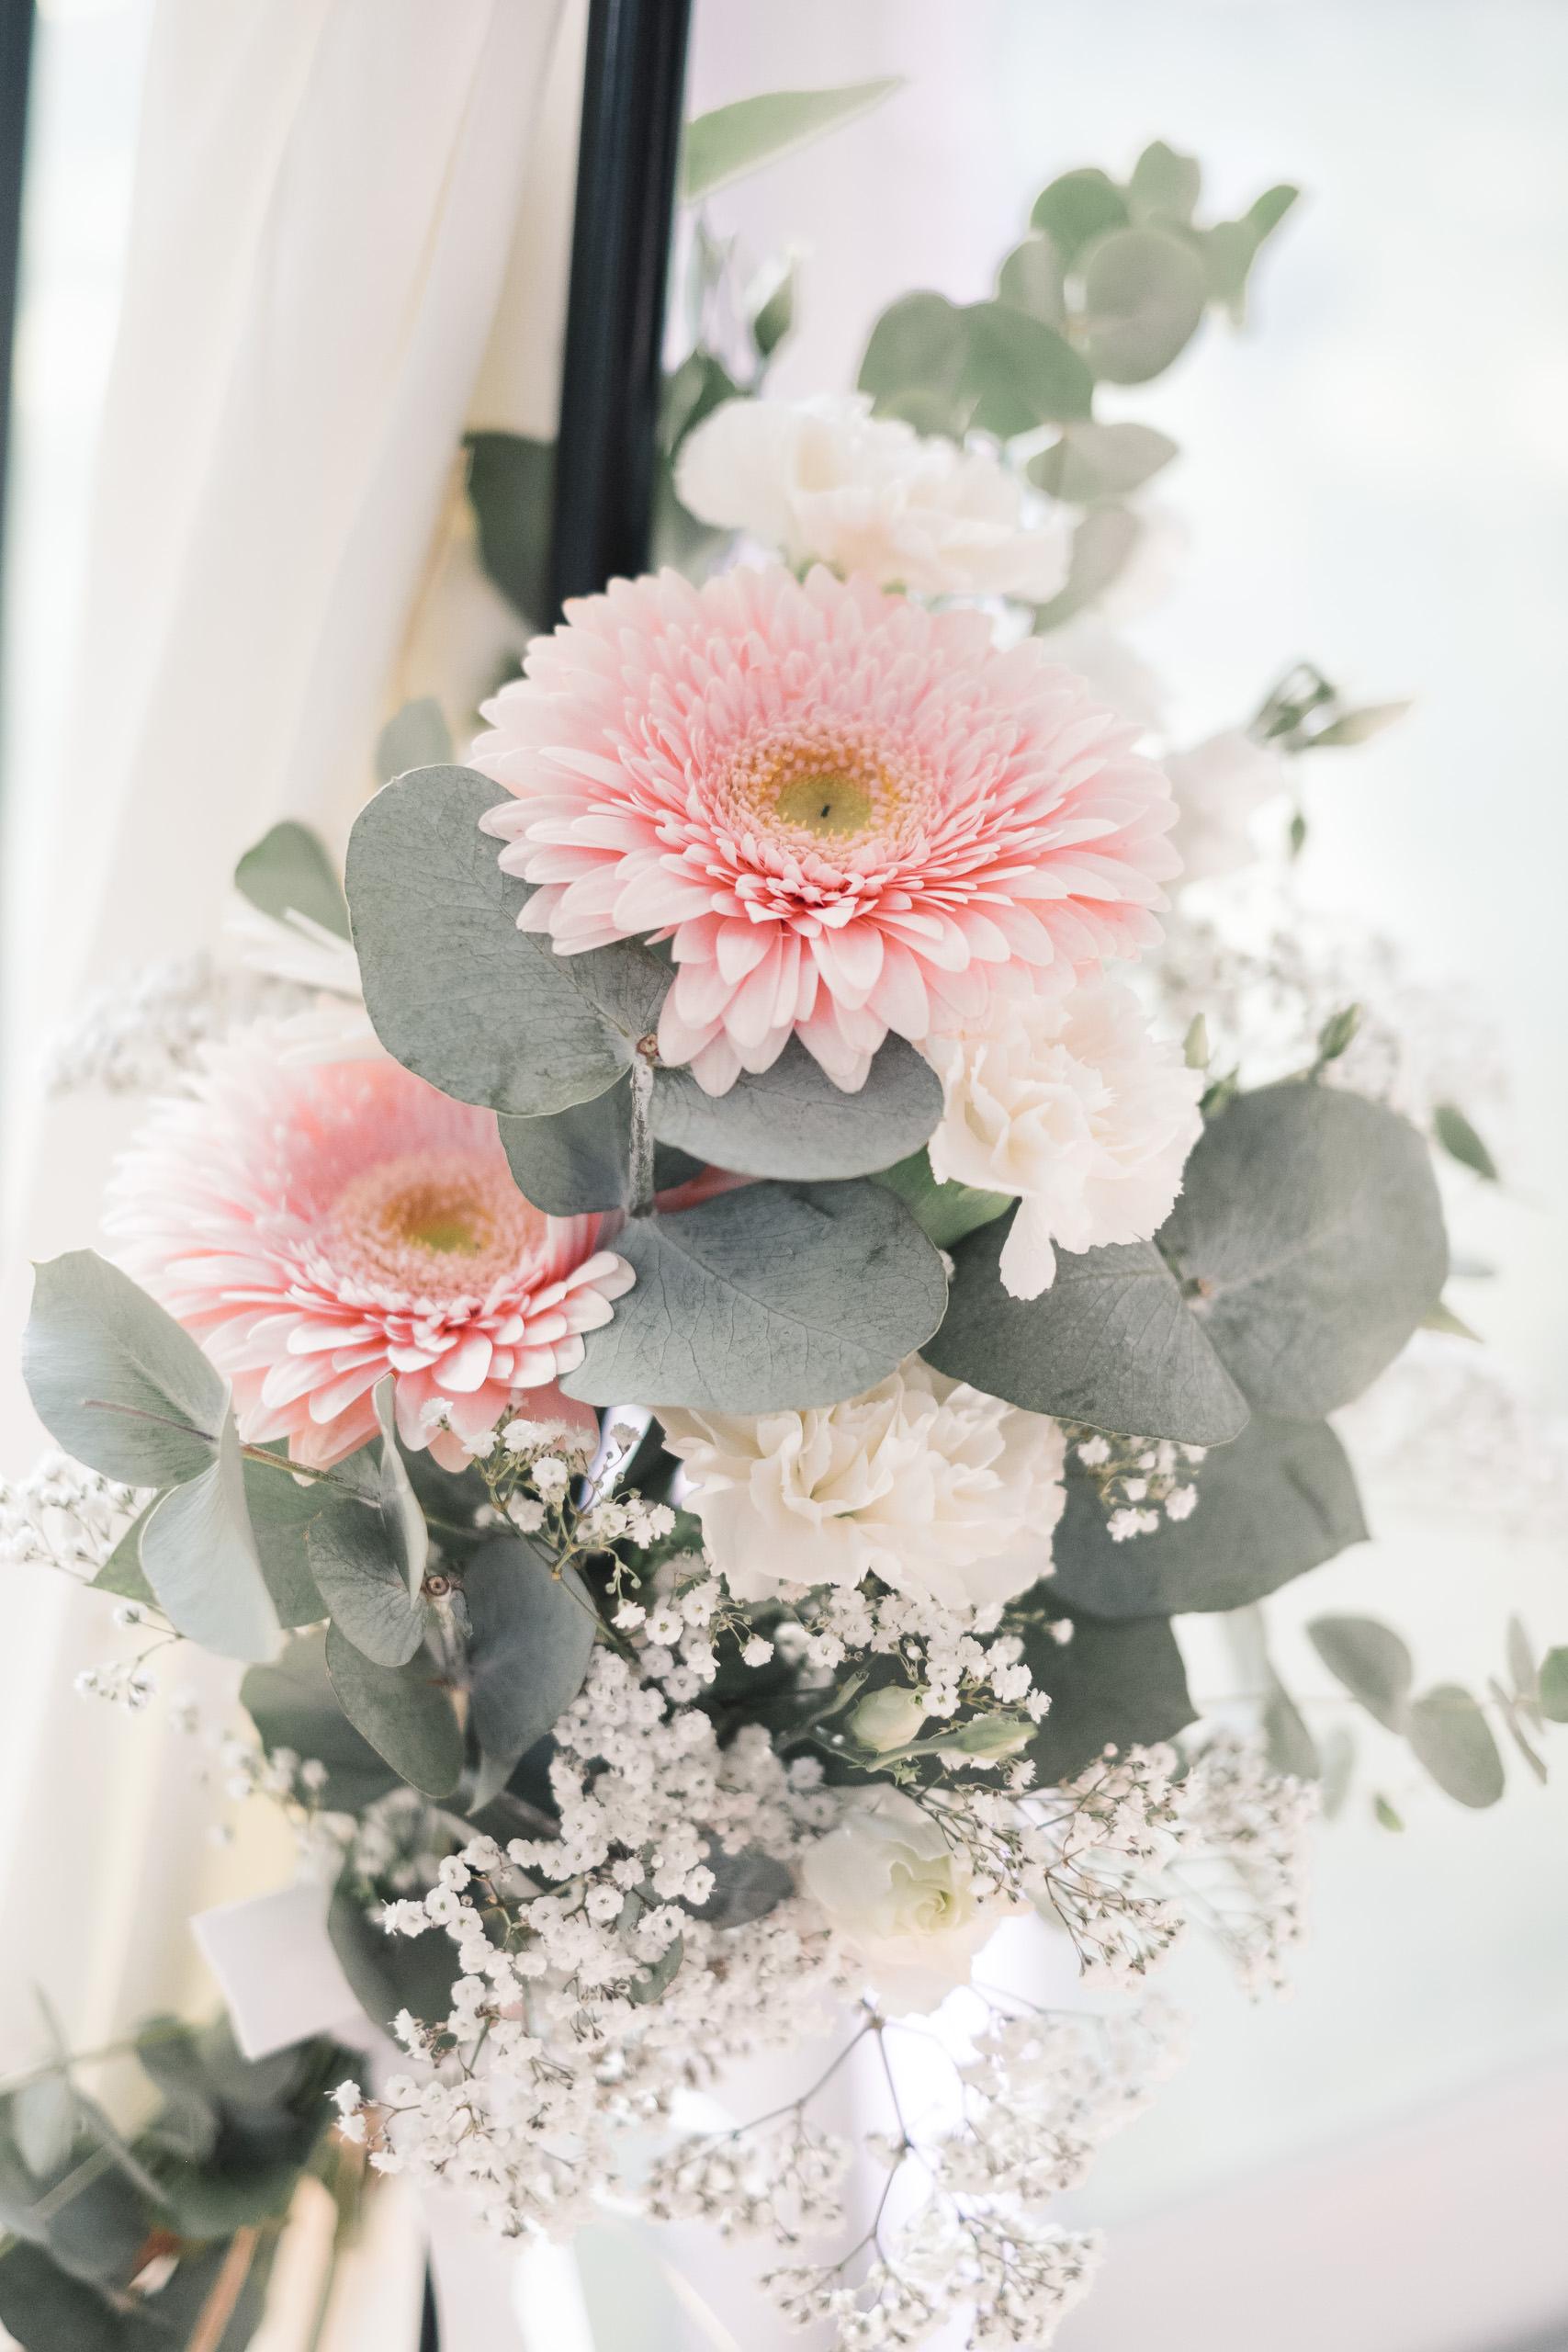 Mariage à Chambéry - Décoration fleurs - Cérémonie laïque - Lucile & Florent